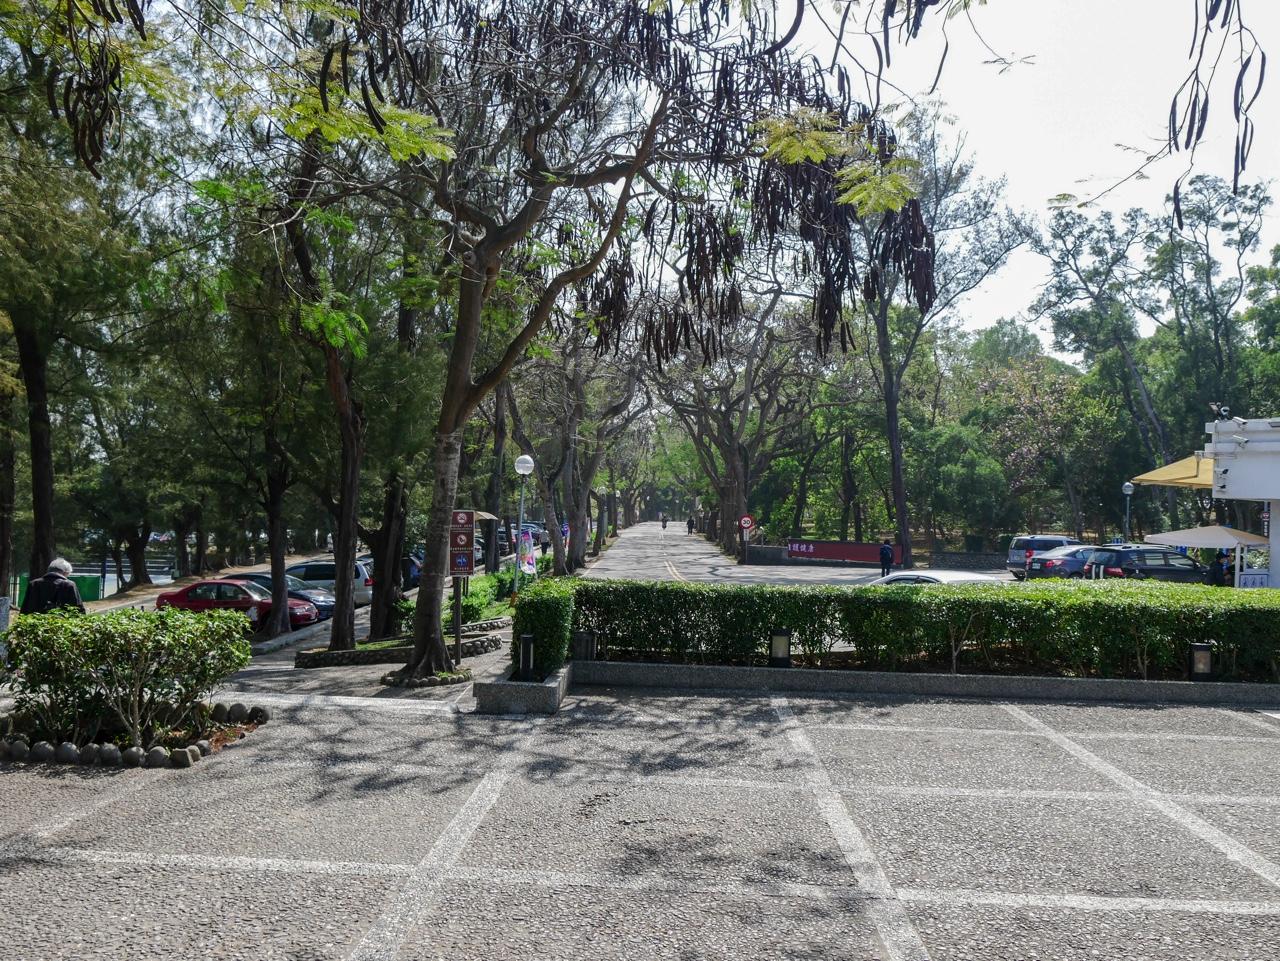 東海大學の正門から入ってすぐの様子